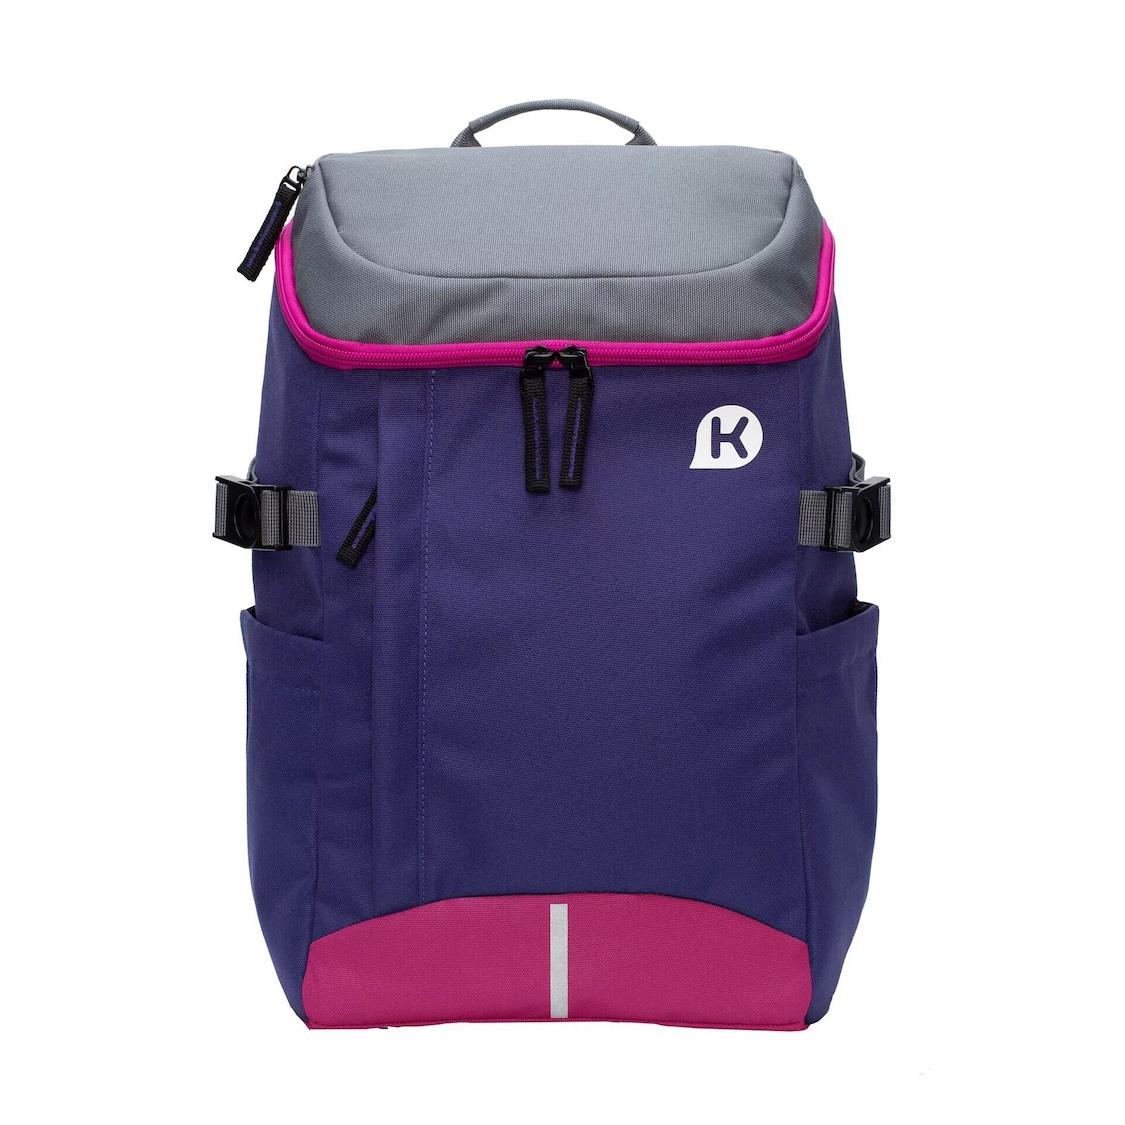 KAGS DUSTIN 2 人體工學小學生用背包-紫色